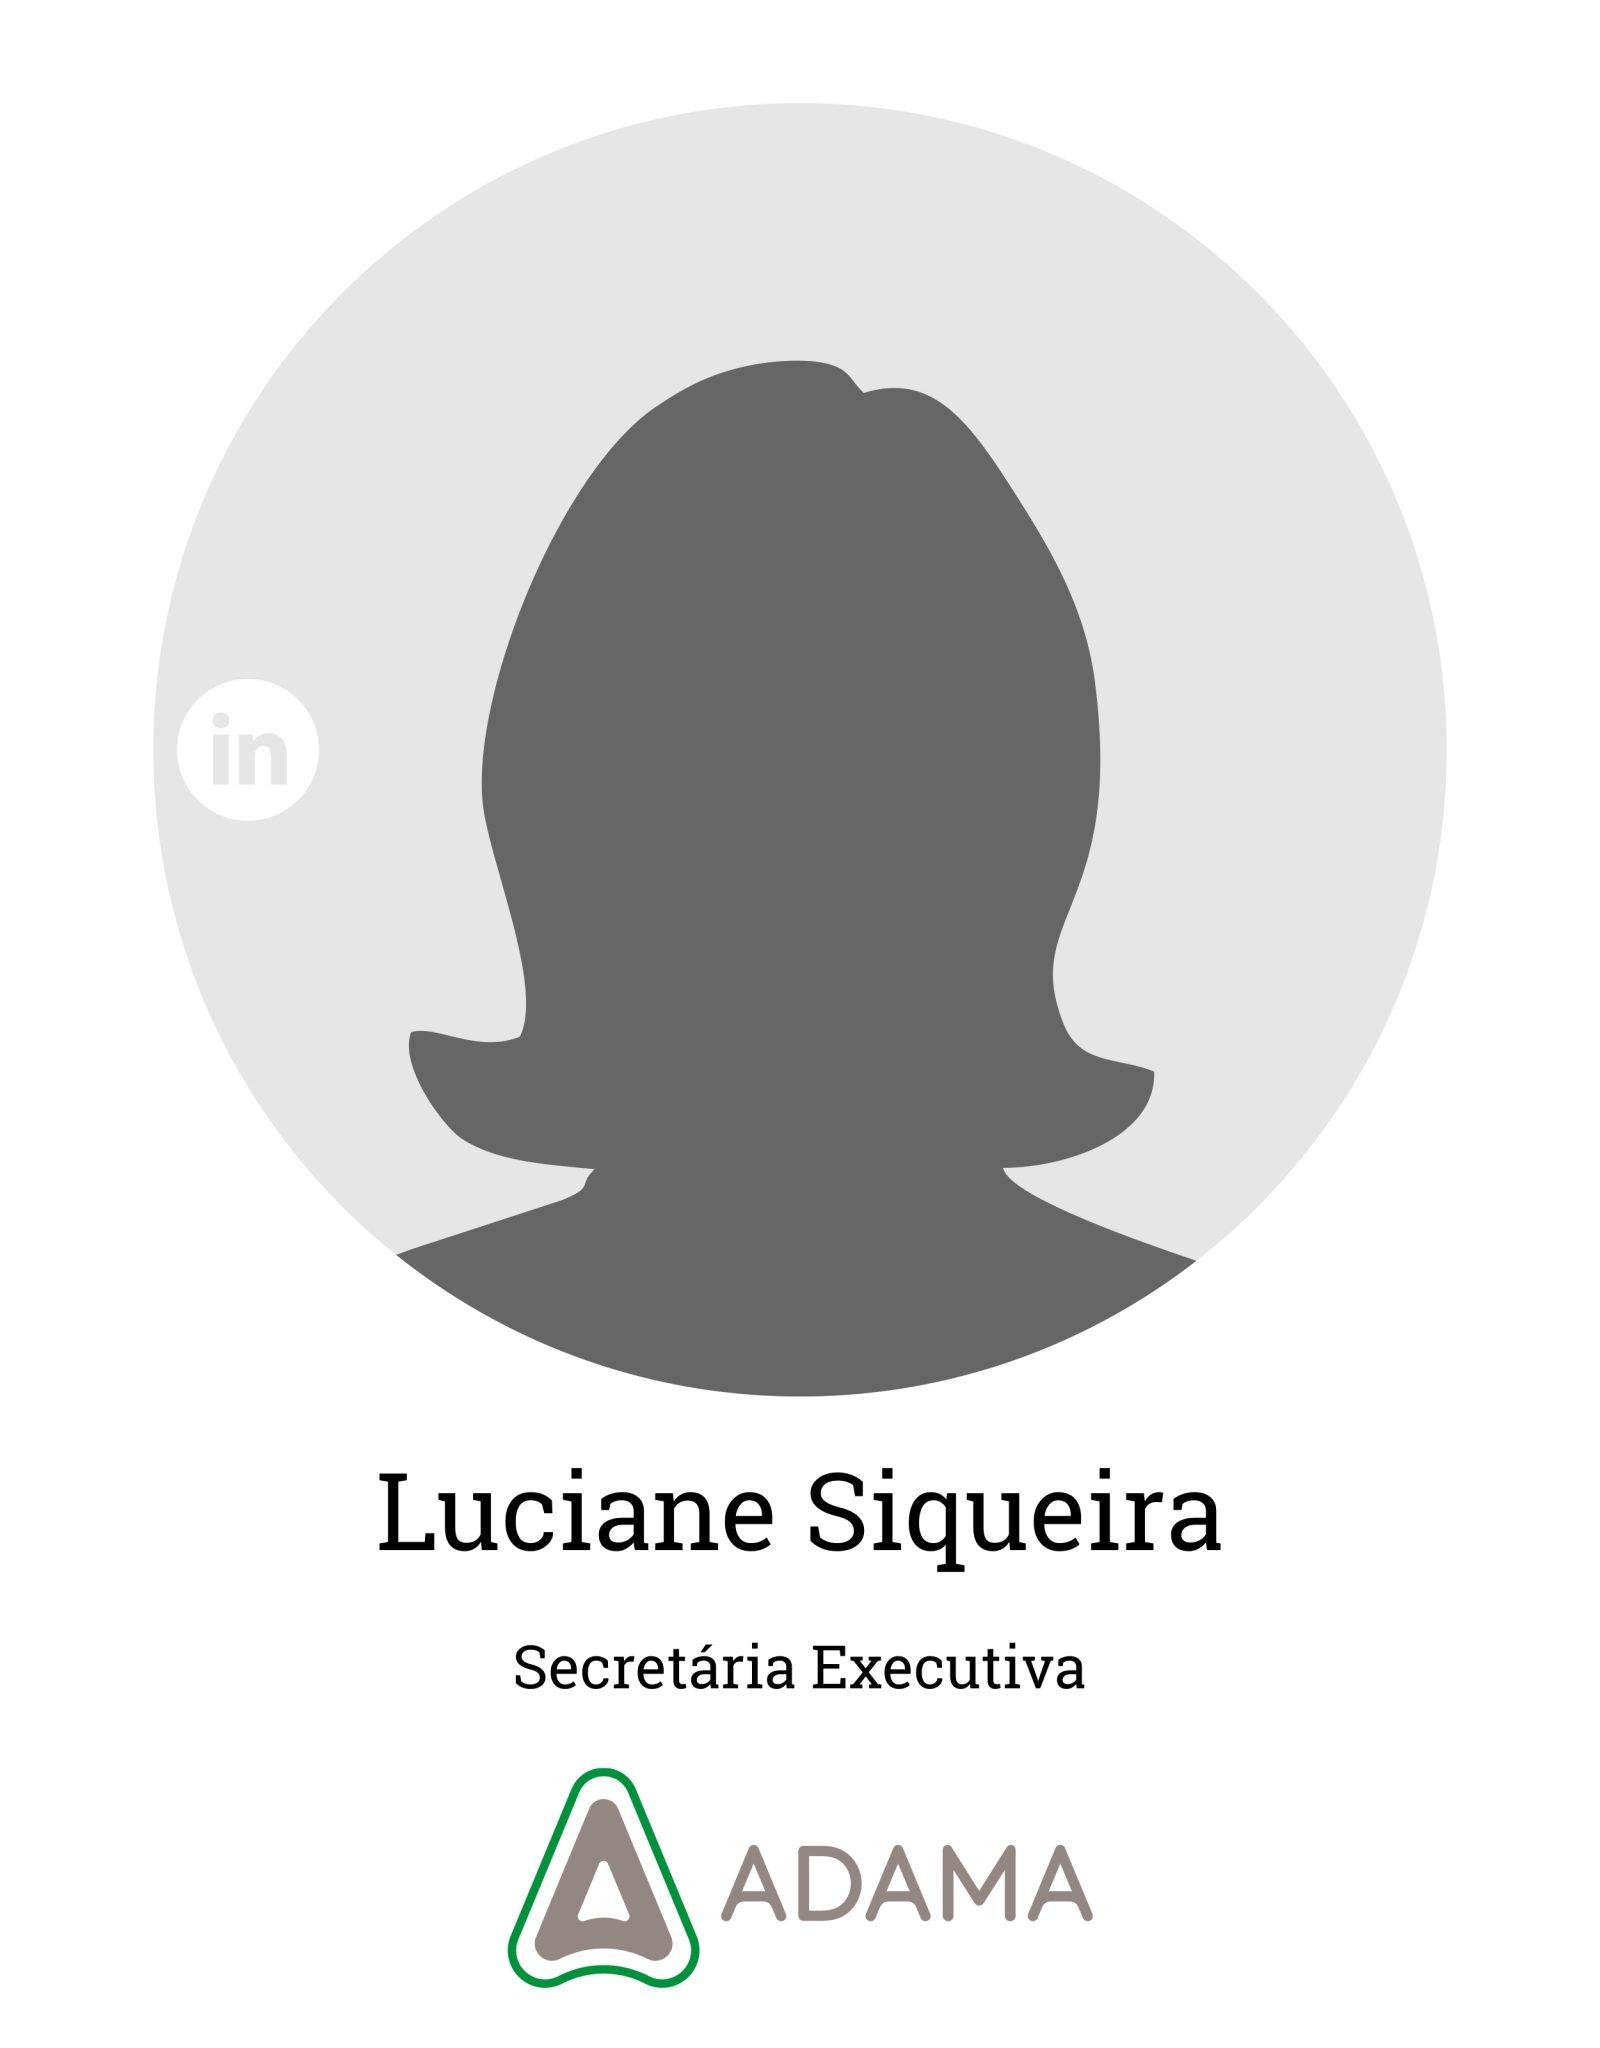 Luciana Siqueira